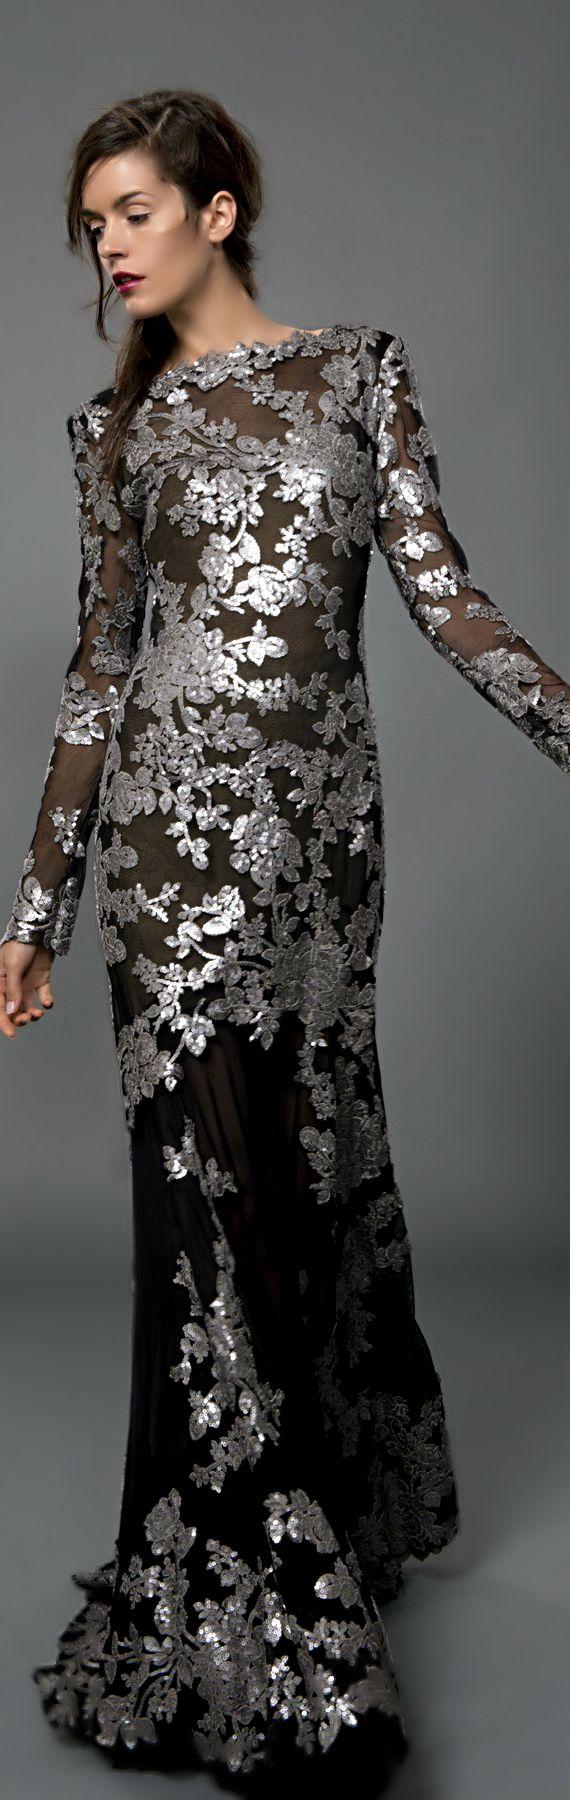 Tadashi Shoji ● 2013 #pinned #fashion inspirations ^kv